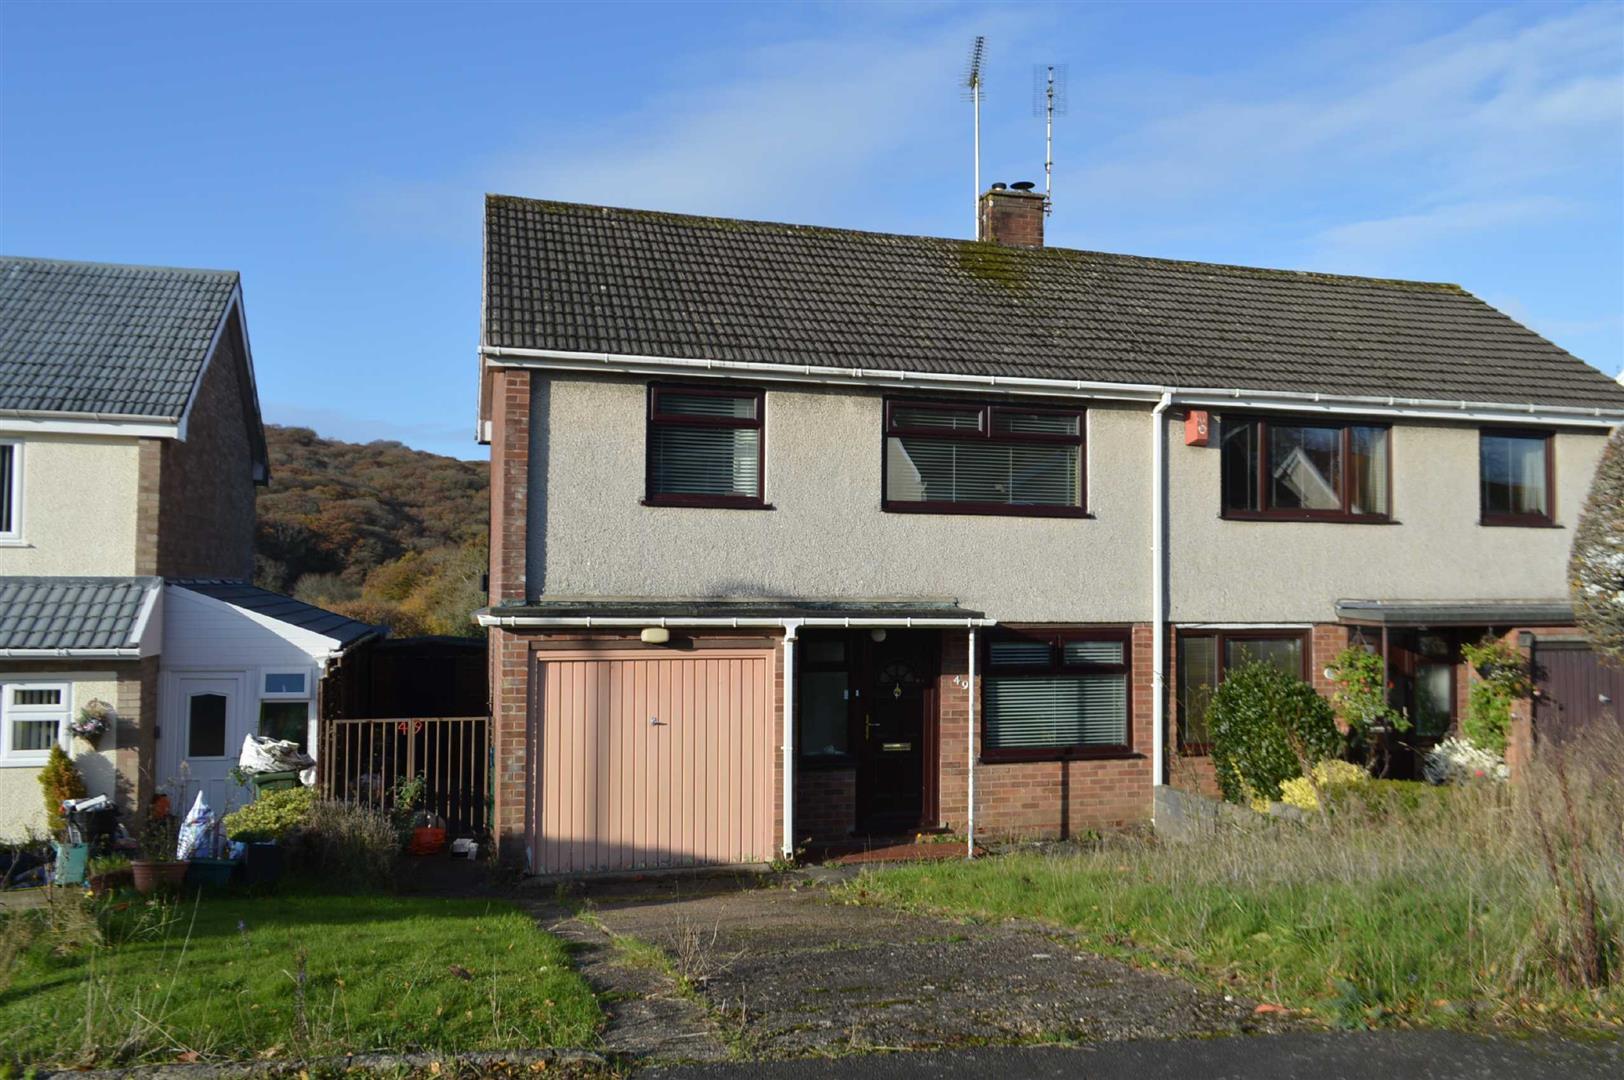 Gwerneinon Road, Derwen Fawr, Swansea, SA2 8EW